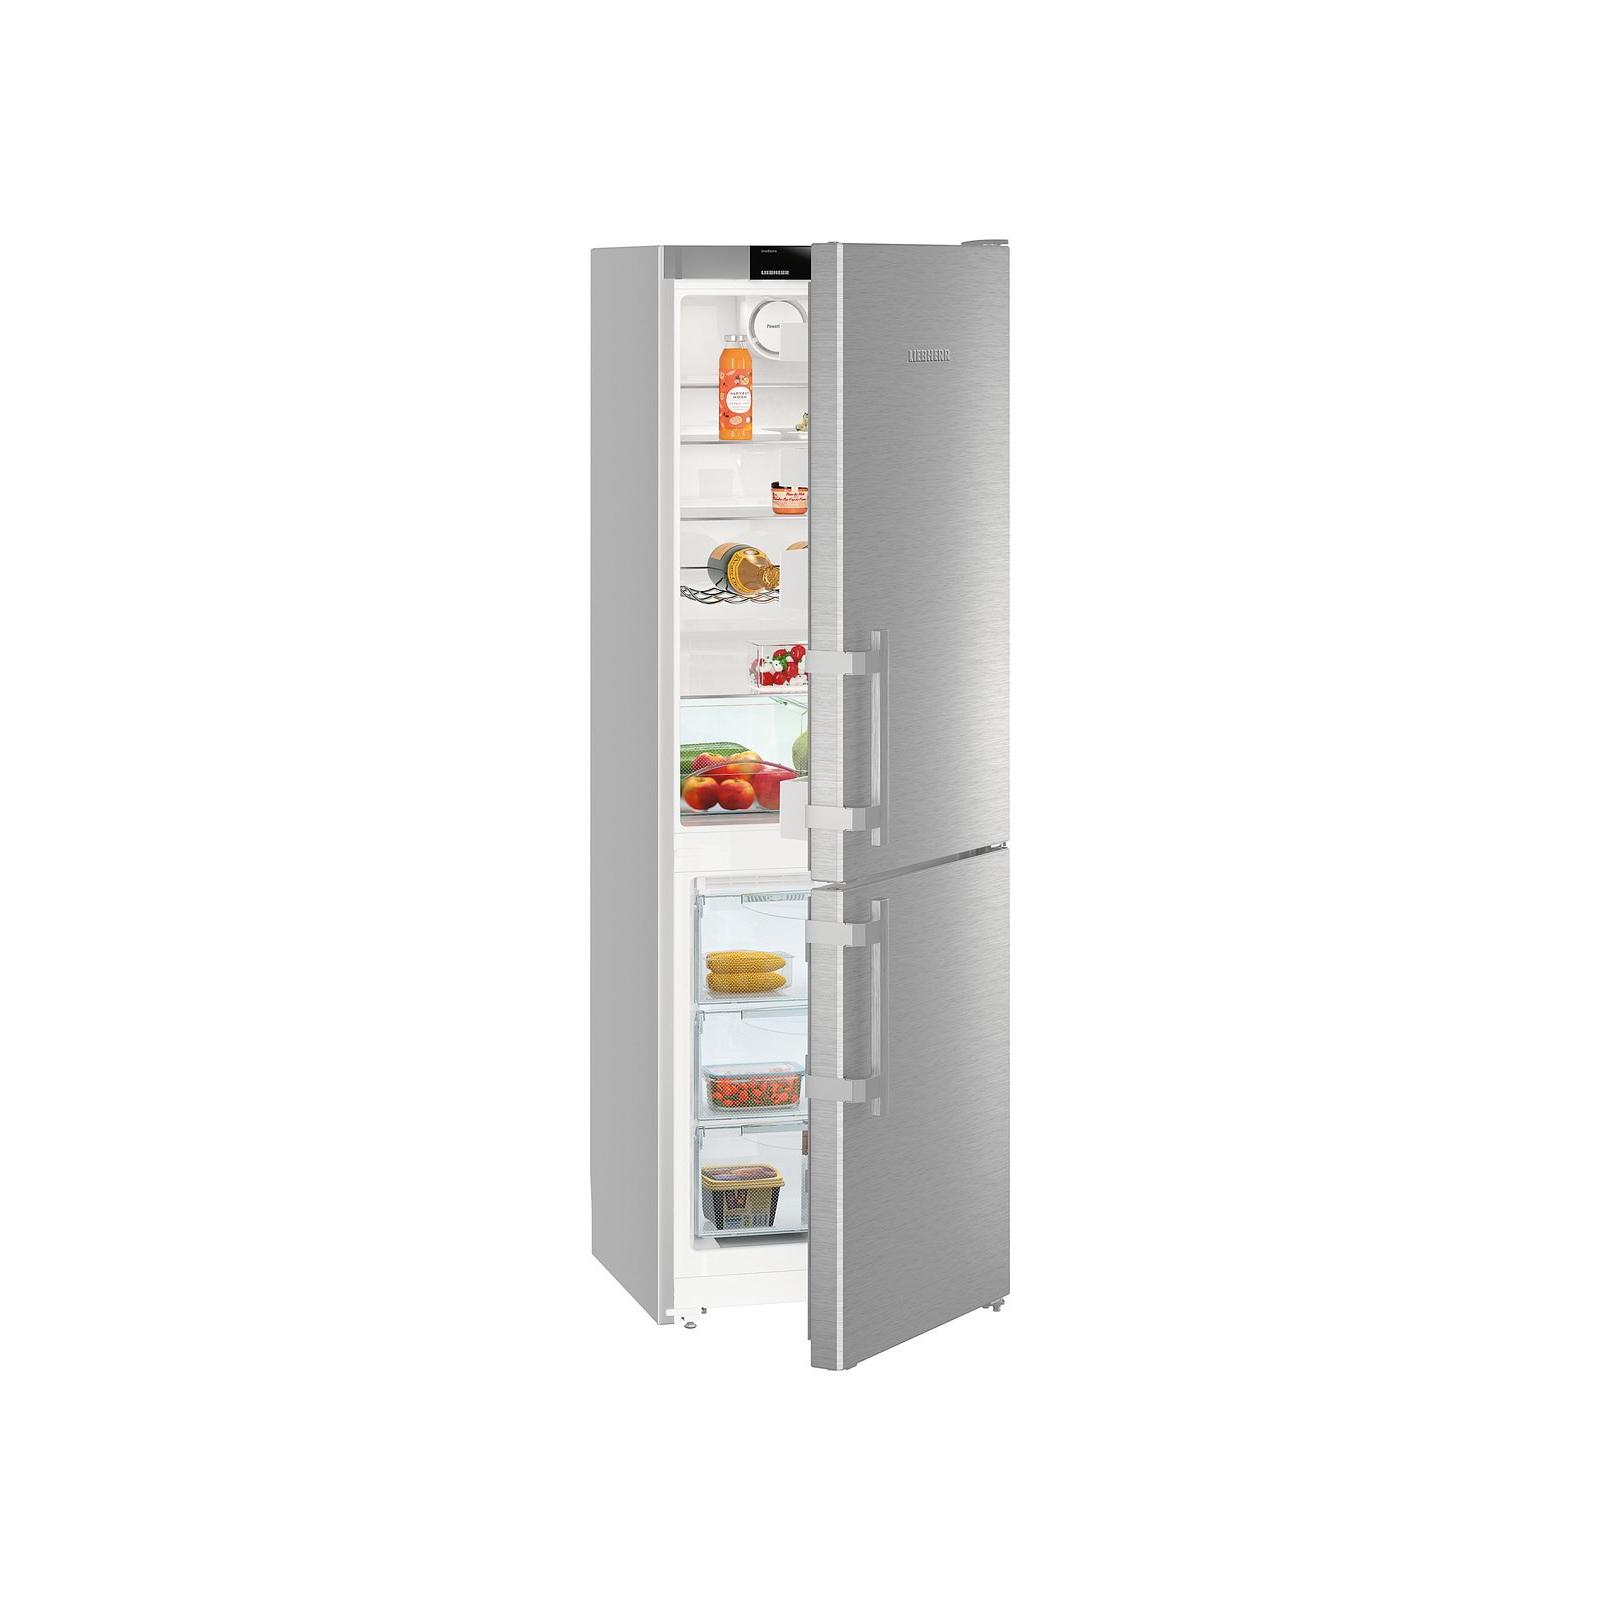 Холодильник Liebherr CUef 3515 изображение 3